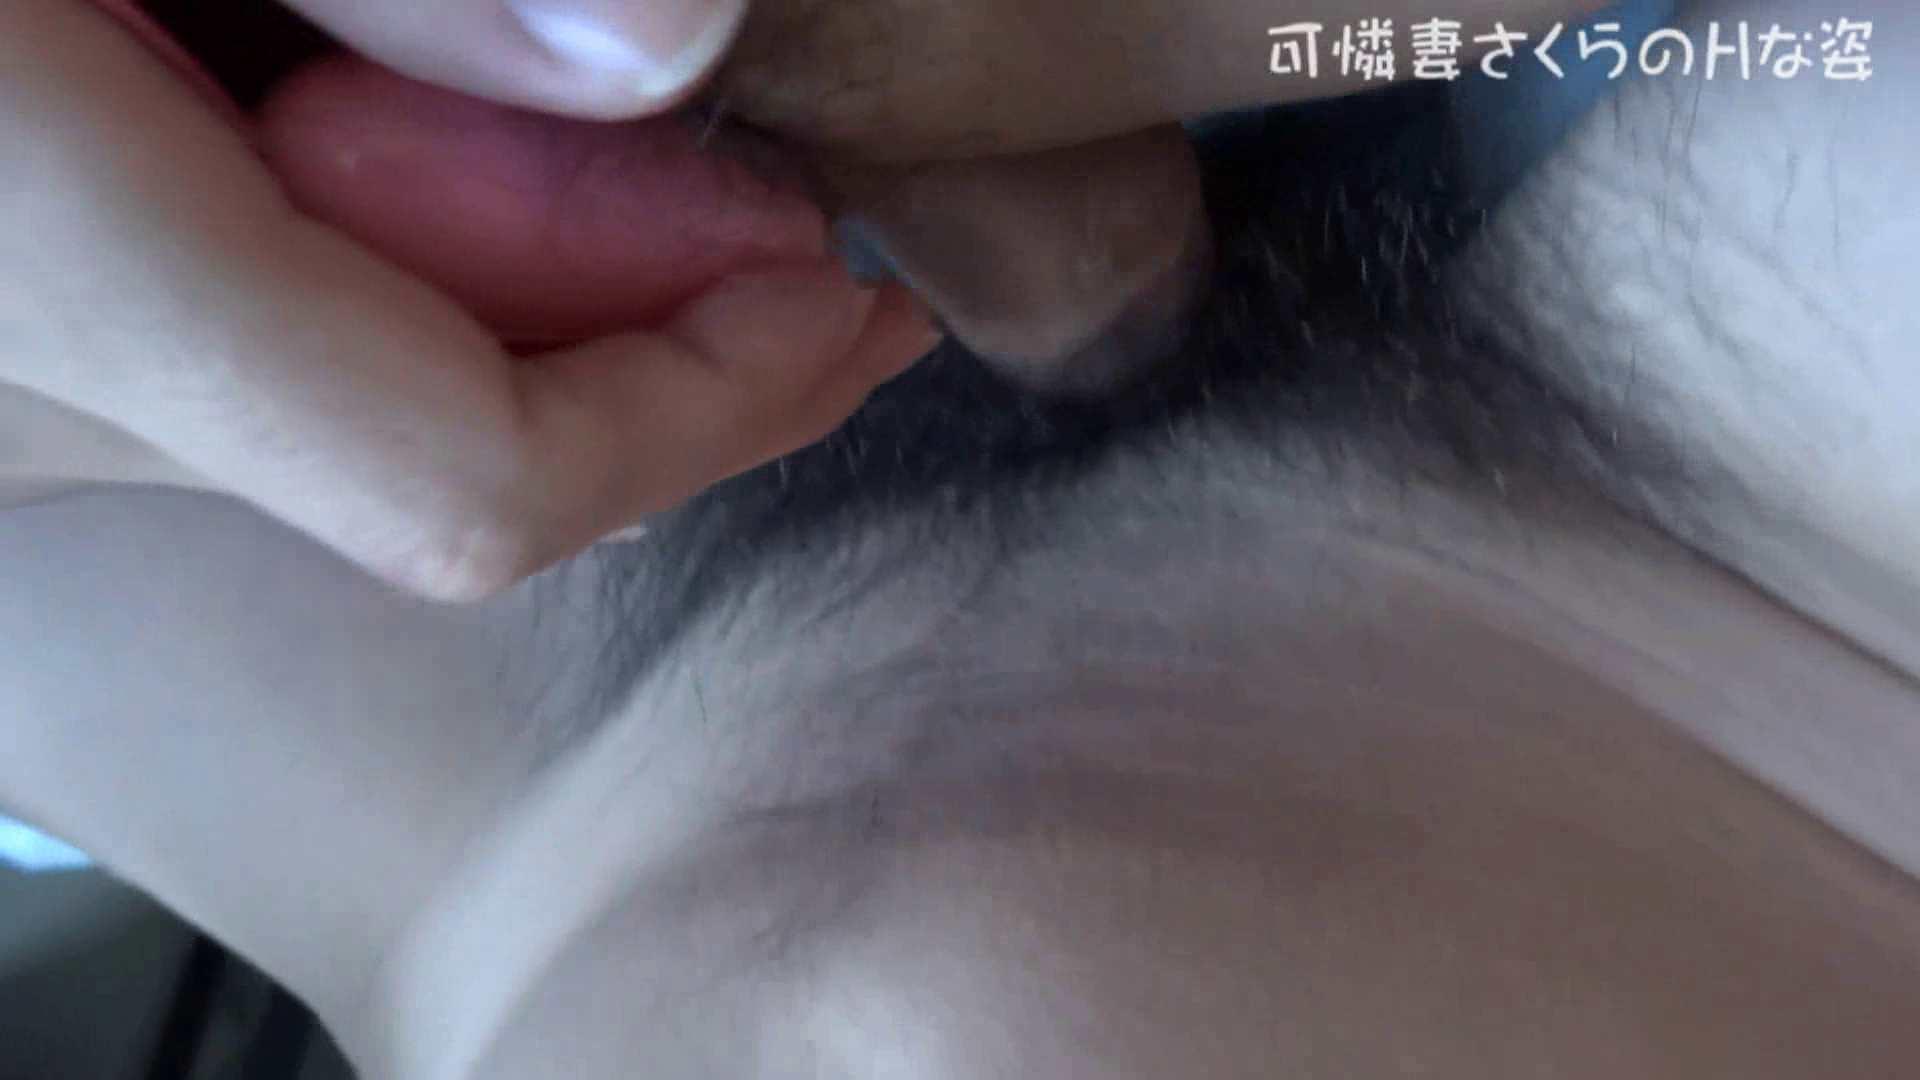 可憐妻さくらのHな姿vol.18 淫乱 | OL  59連発 30